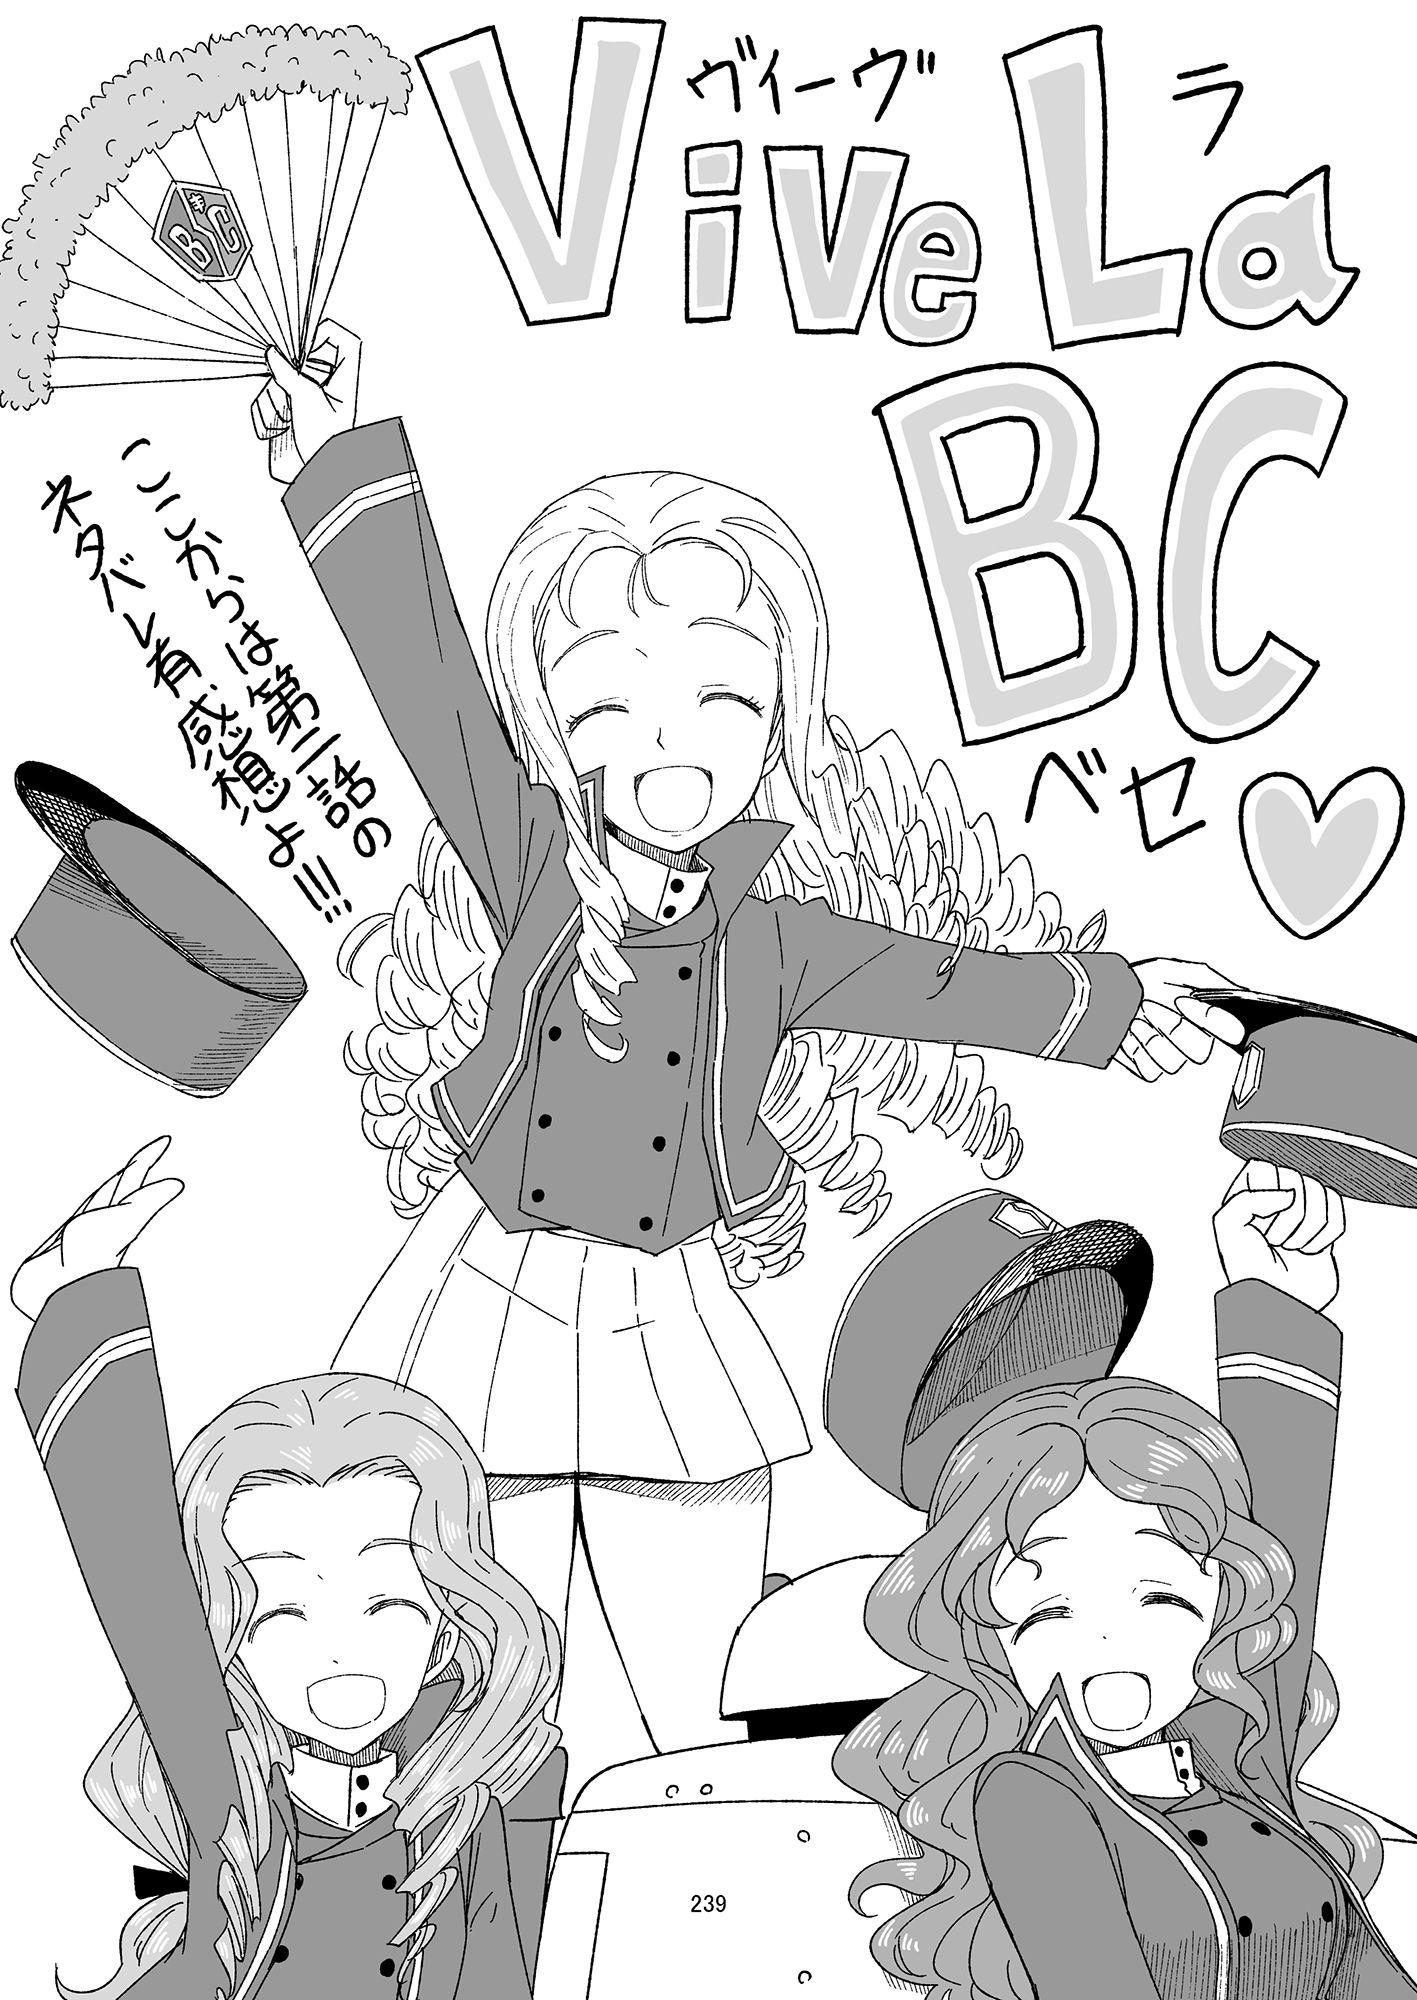 すたひろのガルパン漫画ゴールデン!!